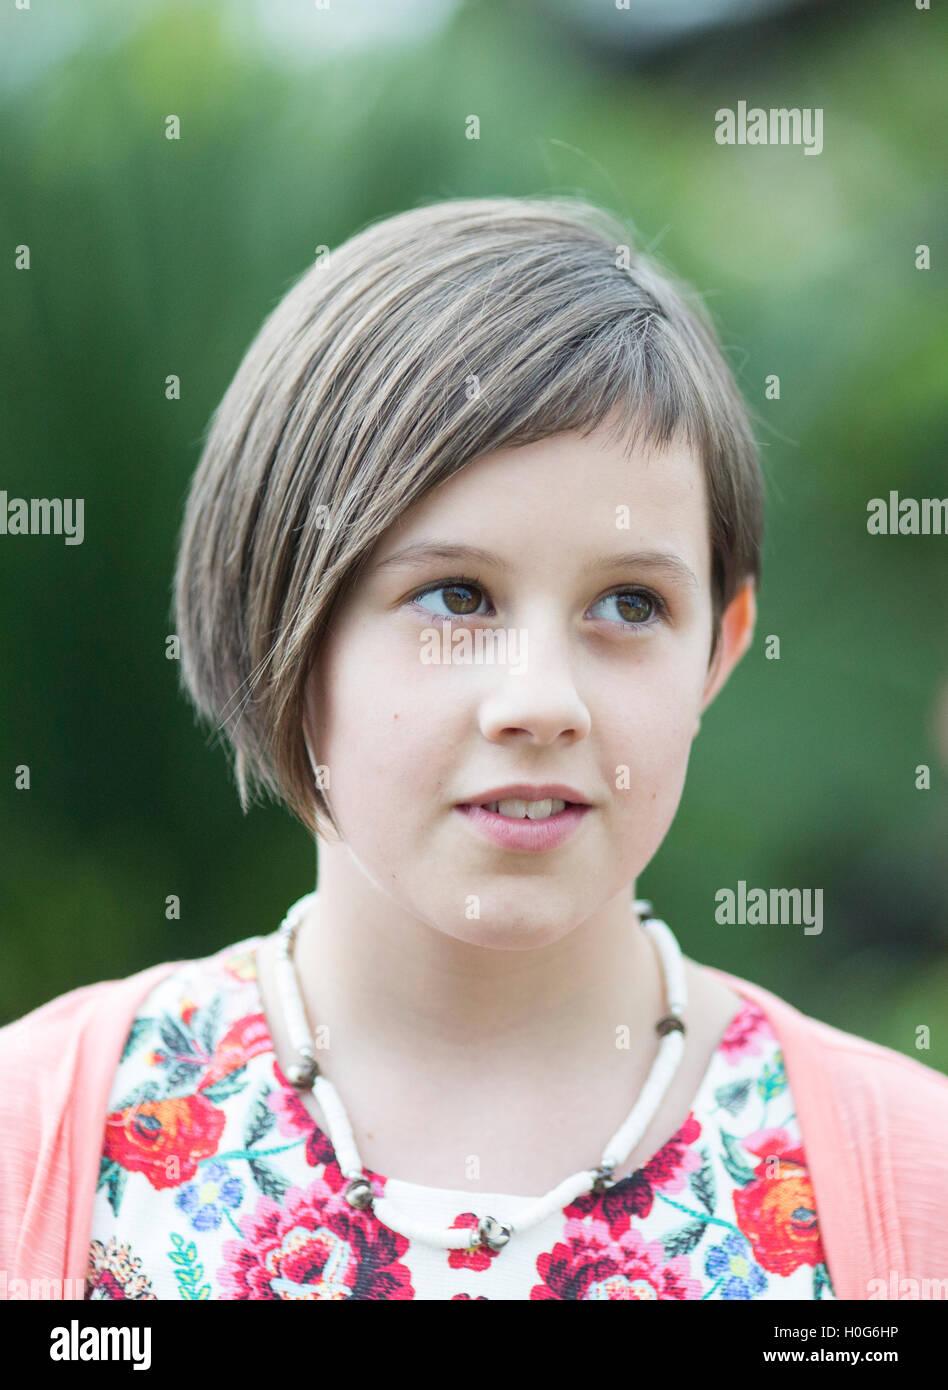 Ruby Barnhill, englische Schauspielerin, spielte die Hauptrolle der Sophie in Spielbergs 2016 Film The BFG. Abgebildete Stockbild